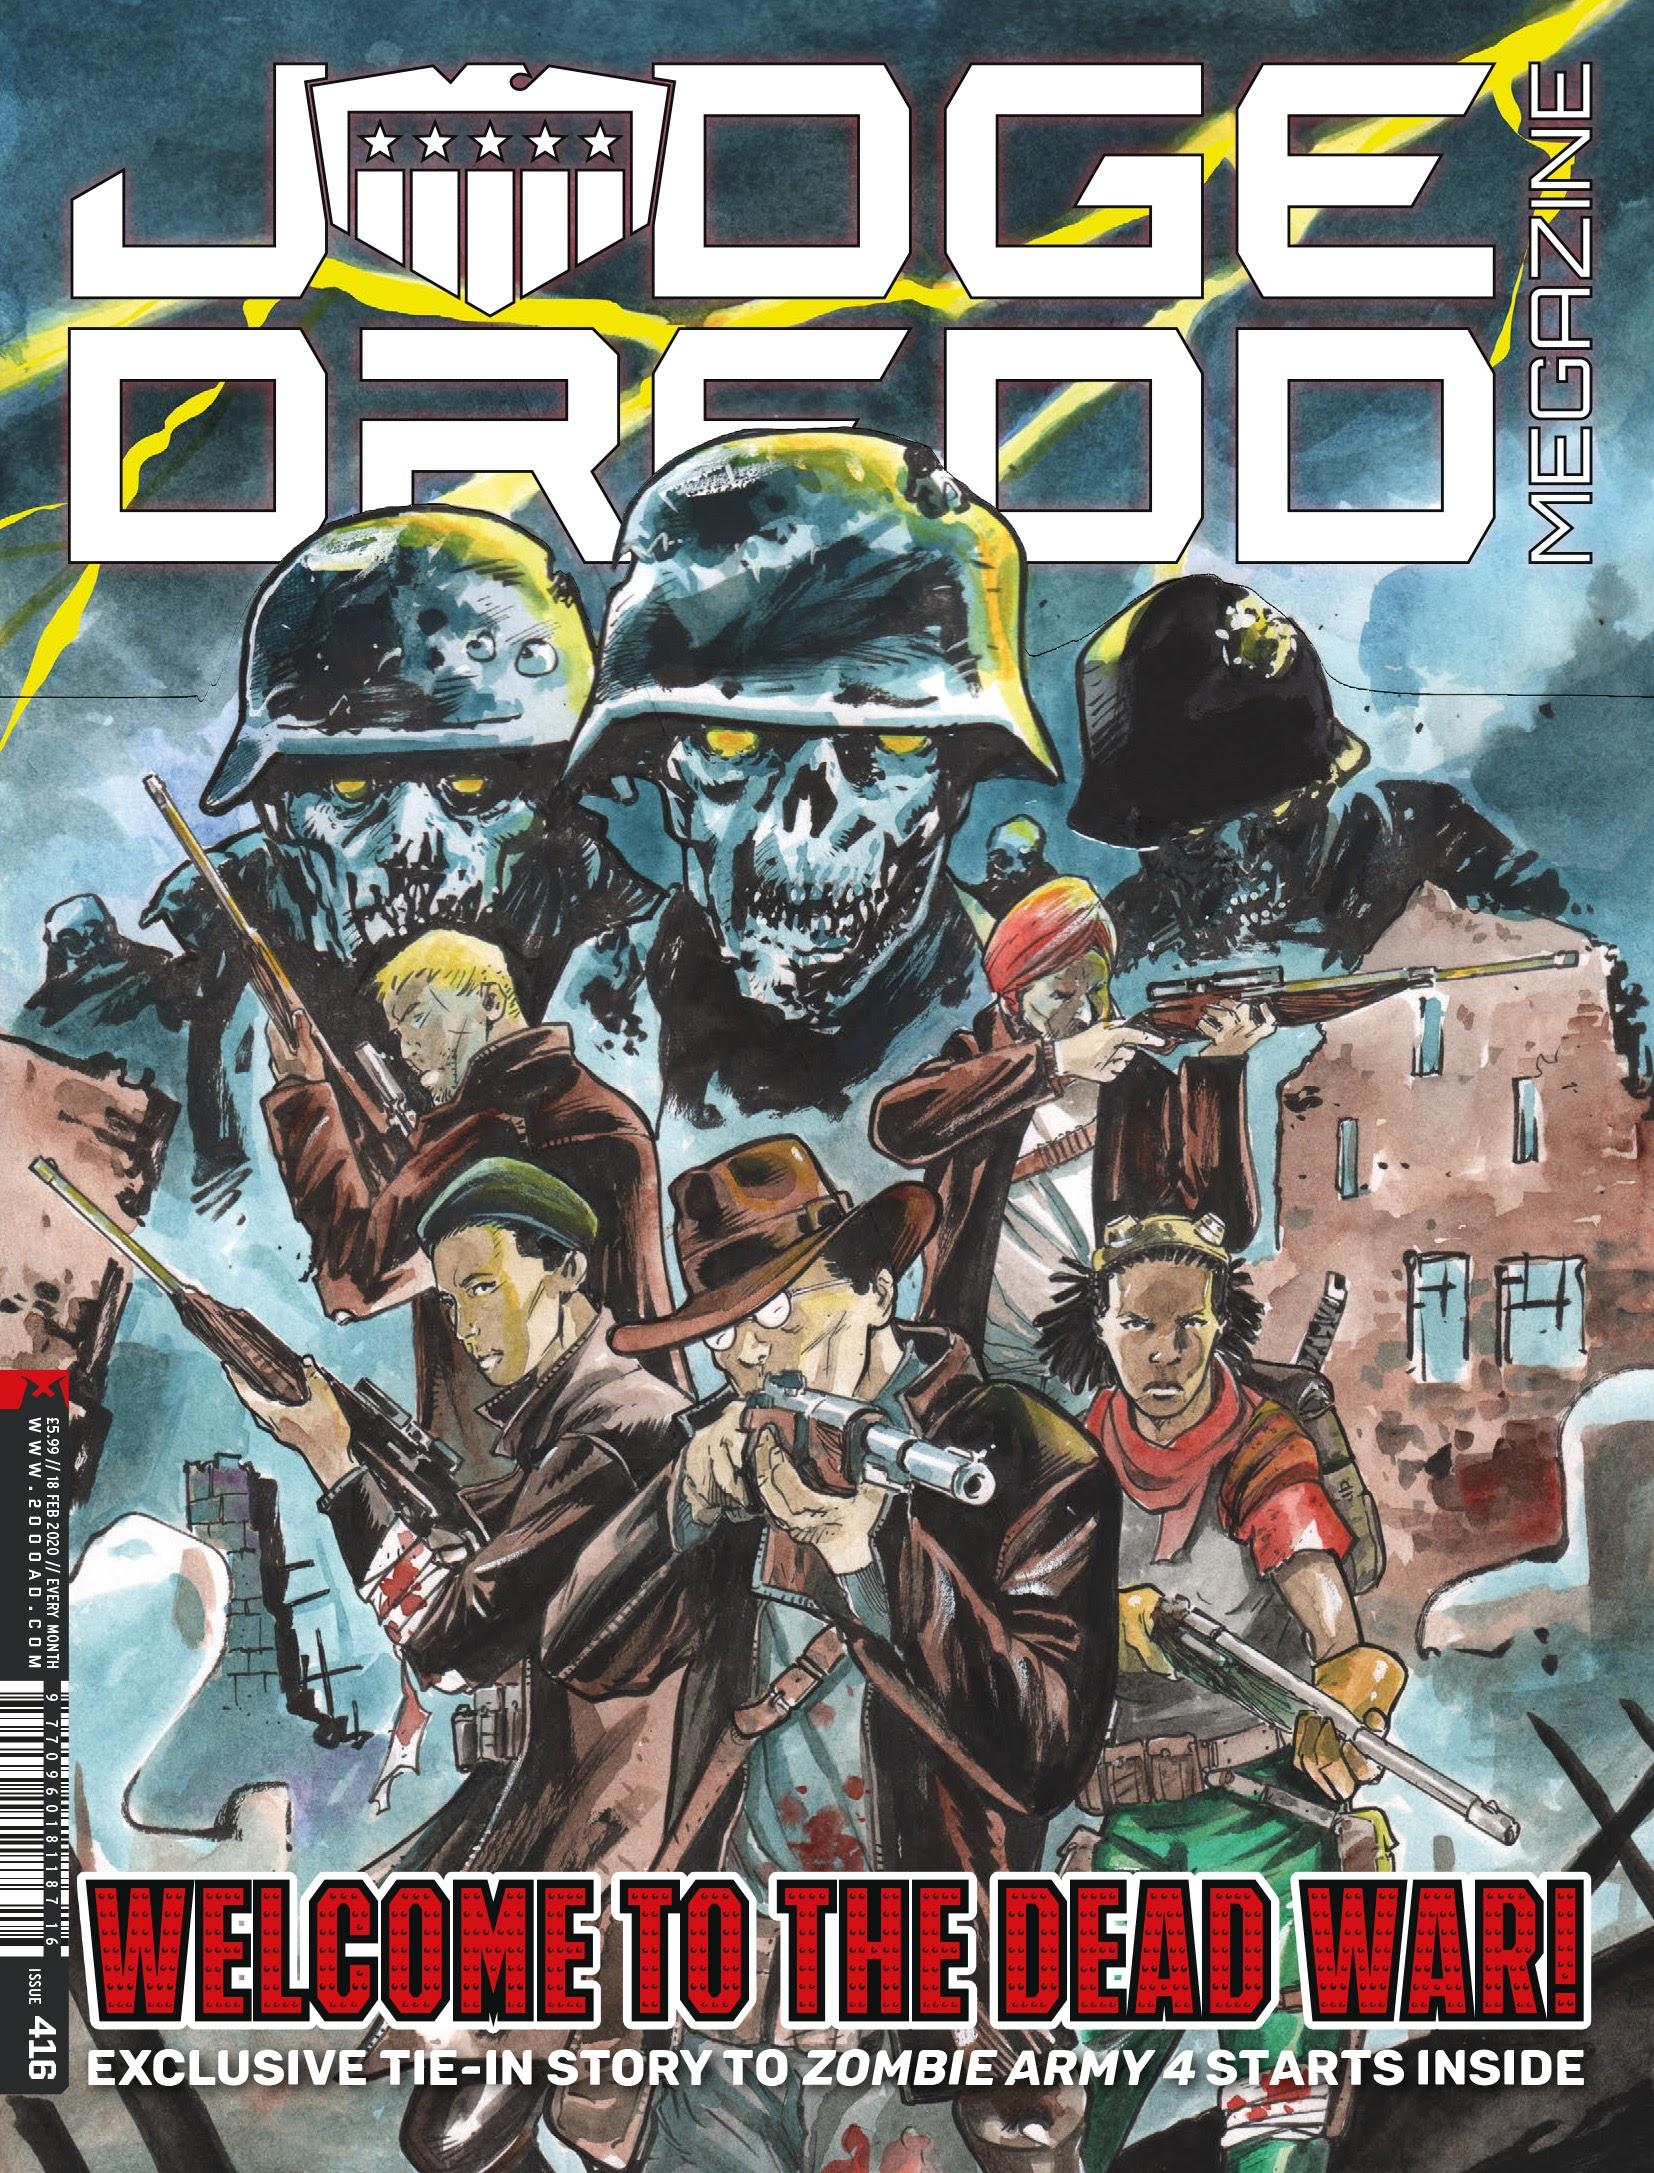 Judge Dredd Megazine (Vol. 5) 416 Page 1